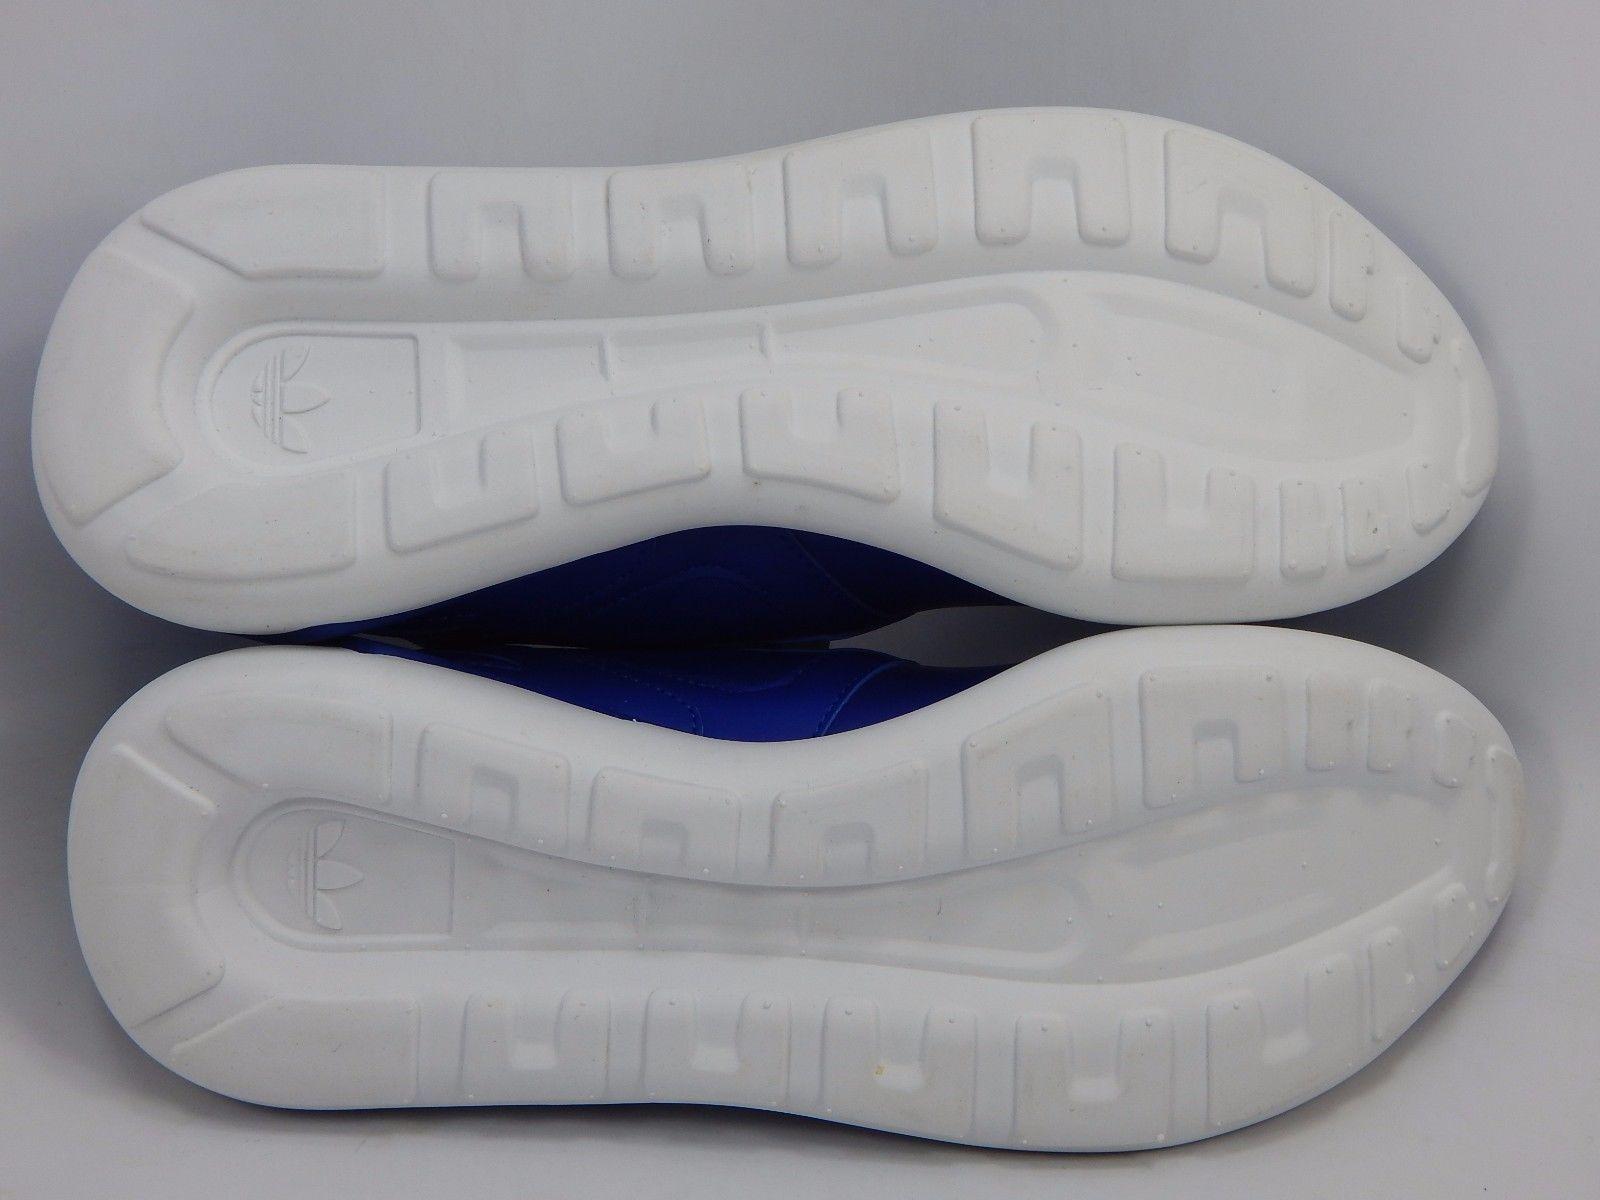 Adidas Tubular Runner Boy's Youth Running Shoes Size US 7 Y EU 40 Blue B23658